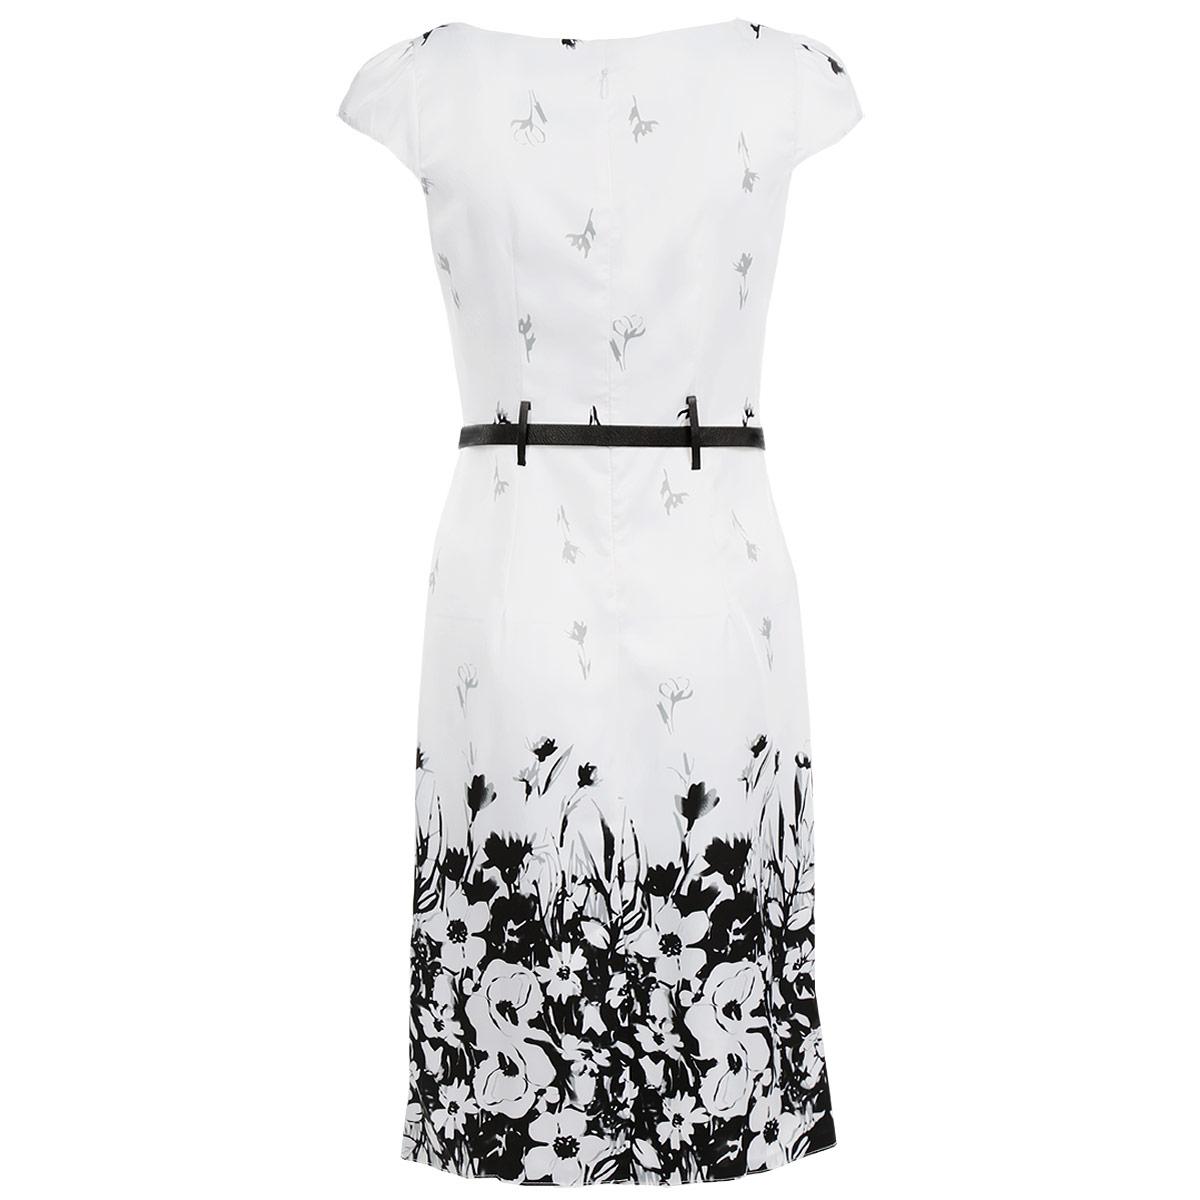 300Элегантное платье Lautus изготовлено из высококачественного материала. Такое платье обеспечит вам комфорт и удобство при носке. Платье с короткими рукавами и круглым вырезом горловины понравится любой ценительнице классического стиля и современных форм. Платье на спинке застегивается на застежку-молнию. Приталенный силуэт и прямая юбка великолепно подчеркнут достоинства вашей фигуры. Платье оформлено оригинальным цветочным принтом, рукава присборены по окату, что придает им пышность. В комплект входит контрастный ремень. Изысканное платье создаст обворожительный неповторимый образ. Это модное и удобное платье станет превосходным дополнением к вашему гардеробу, оно подарит вам удобство и поможет вам подчеркнуть свой вкус и неповторимый стиль.